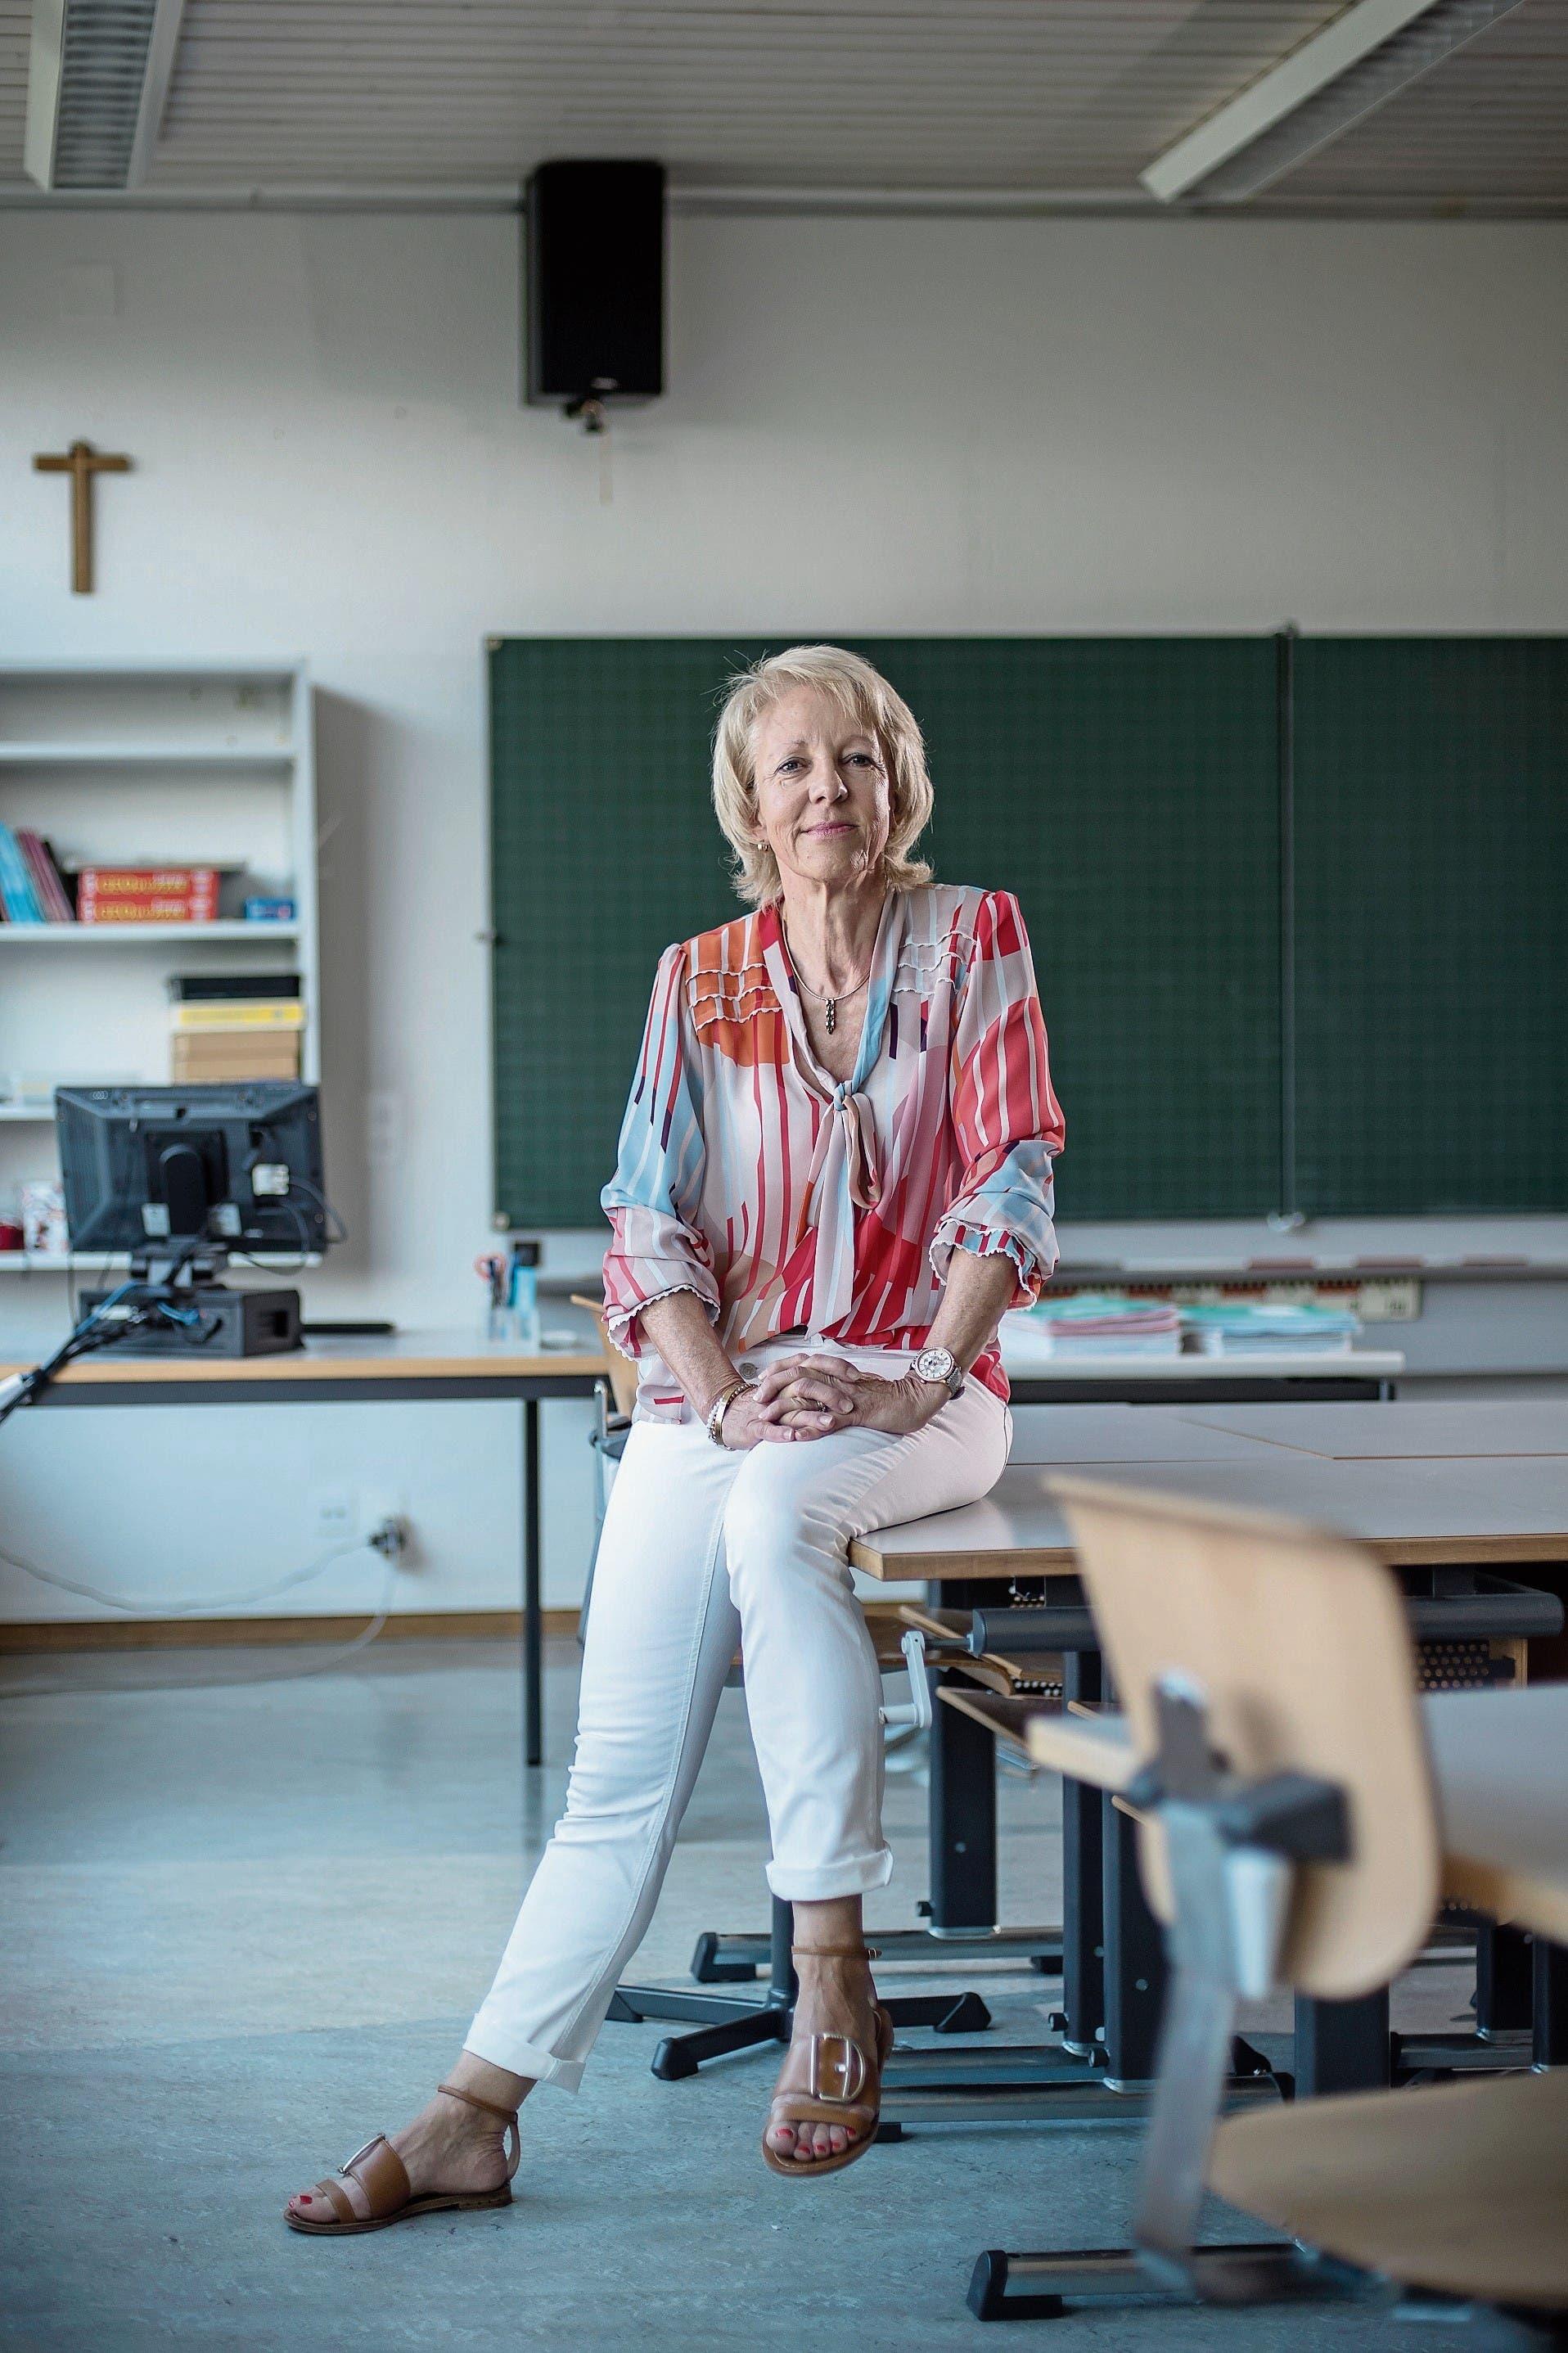 Albie Sieger im Zimmer 106 des Schulhauses Lindenfeld im luzernischen Eschenbach. Bild: Pius Amrein (27. Juni 2018)